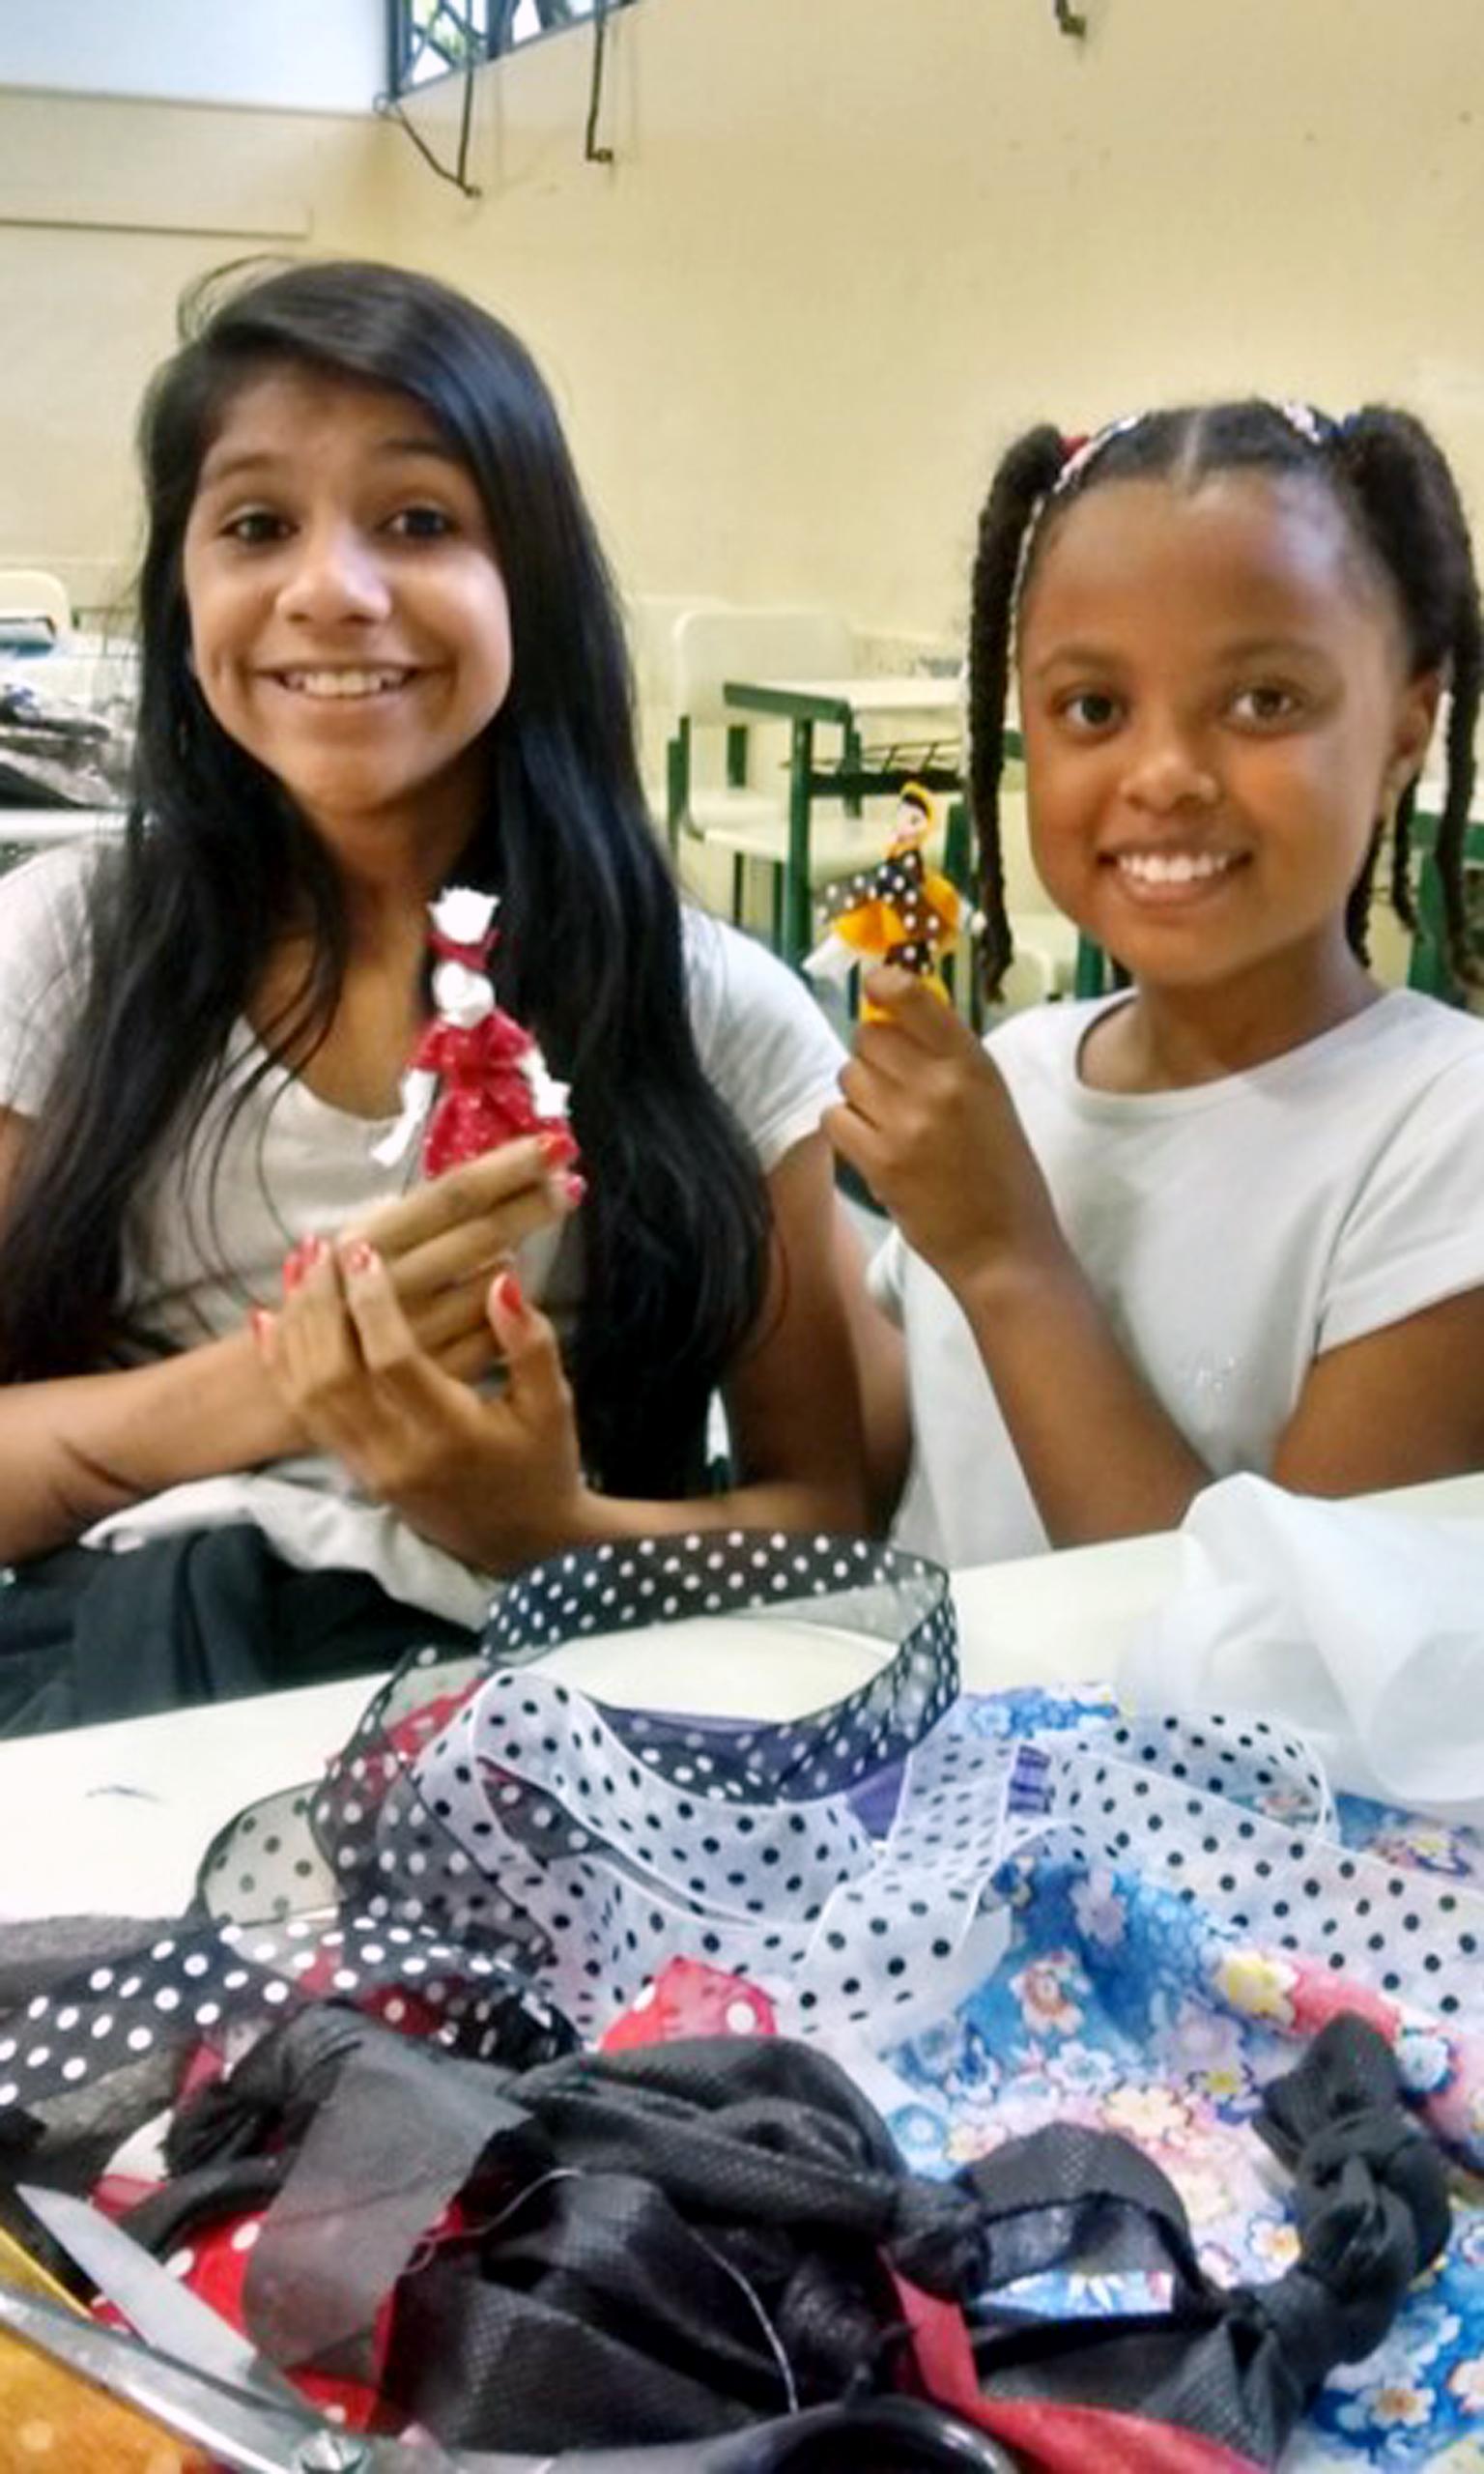 Duas alunas seguram as bonecas que confeccionaram. Elas estão diante de uma mesa repleta de retalhos de tecidos.